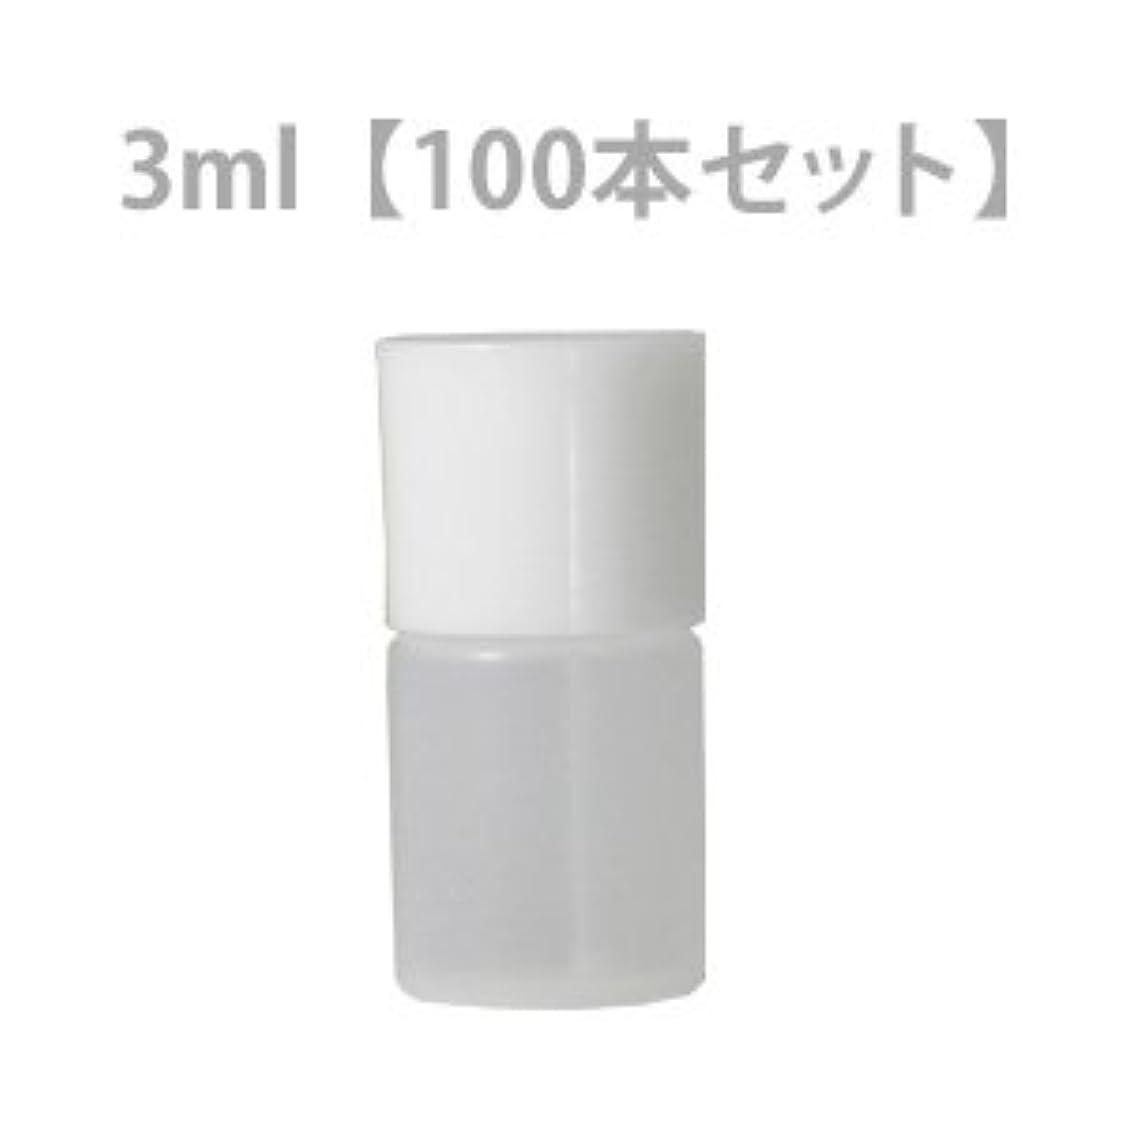 穴あき中栓付きミニボトル3ml 100本セット 【化粧品容器】